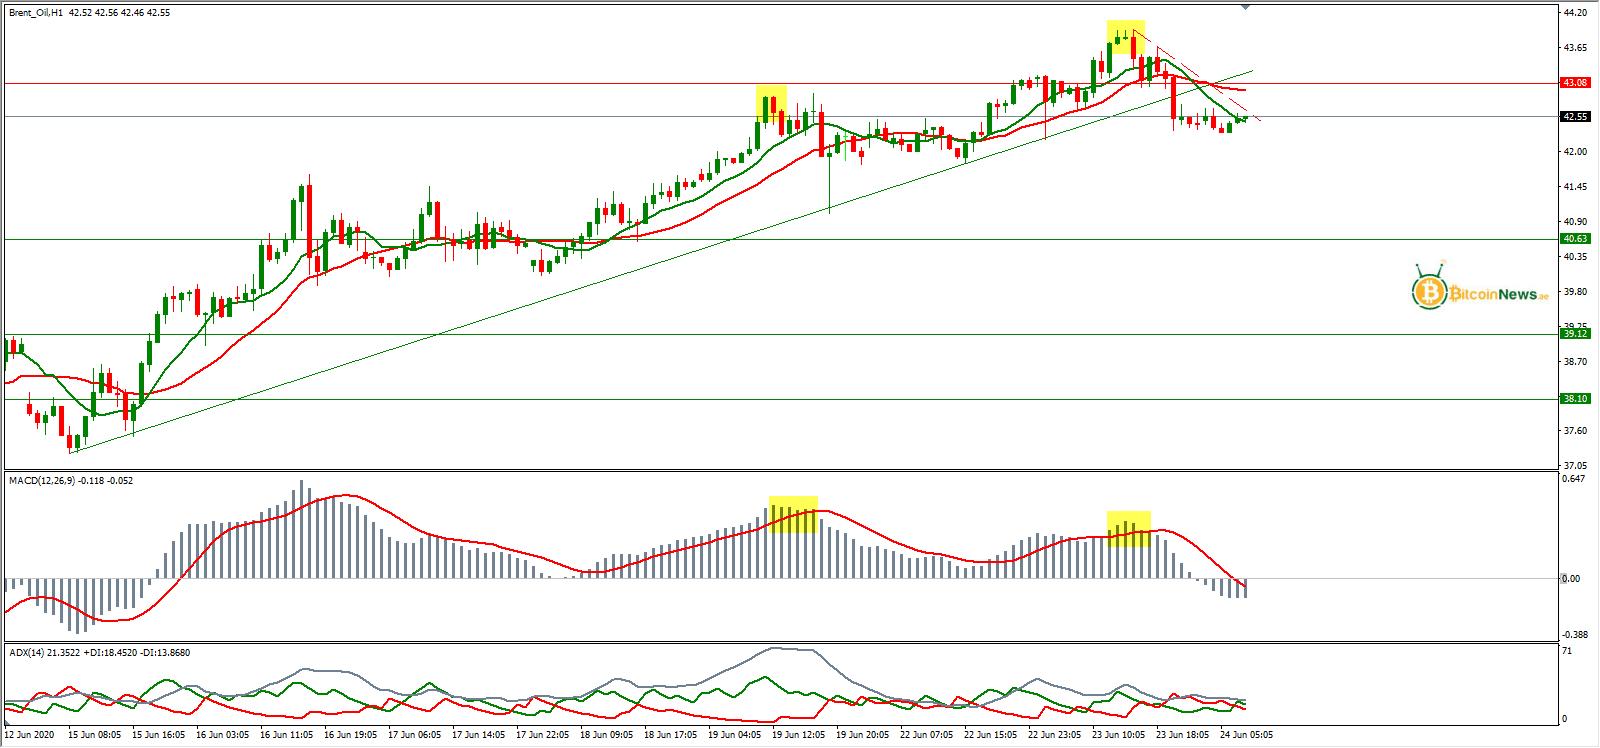 سعر النفط الخام برنت اليوم تحليل 24 يونيو   تحليل النفط ...